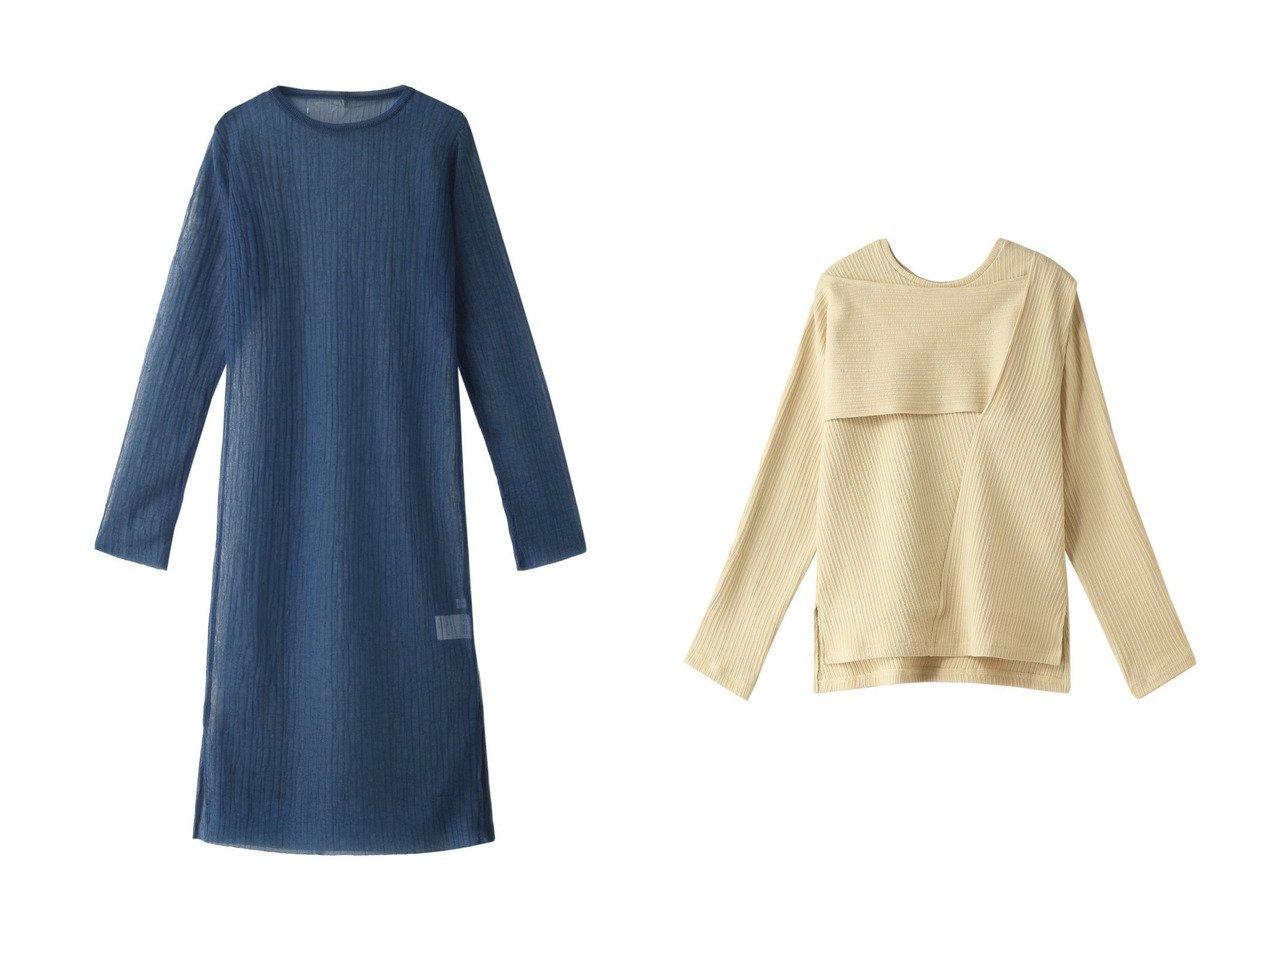 【MAISON SPECIAL/メゾンスペシャル】のクリンプリブトップ&ランダムリブニットワンピース MAISON SPECIALのおすすめ!人気、トレンド・レディースファッションの通販 おすすめで人気の流行・トレンド、ファッションの通販商品 メンズファッション・キッズファッション・インテリア・家具・レディースファッション・服の通販 founy(ファニー) https://founy.com/ ファッション Fashion レディースファッション WOMEN ワンピース Dress ニットワンピース Knit Dresses トップス カットソー Tops Tshirt シャツ/ブラウス Shirts Blouses ロング / Tシャツ T-Shirts カットソー Cut and Sewn 2021年 2021 2021 春夏 S/S SS Spring/Summer 2021 S/S 春夏 SS Spring/Summer シアー シンプル ストライプ ランダム ロング 春 Spring アシメトリー スリーブ ボレロ 長袖 |ID:crp329100000020616